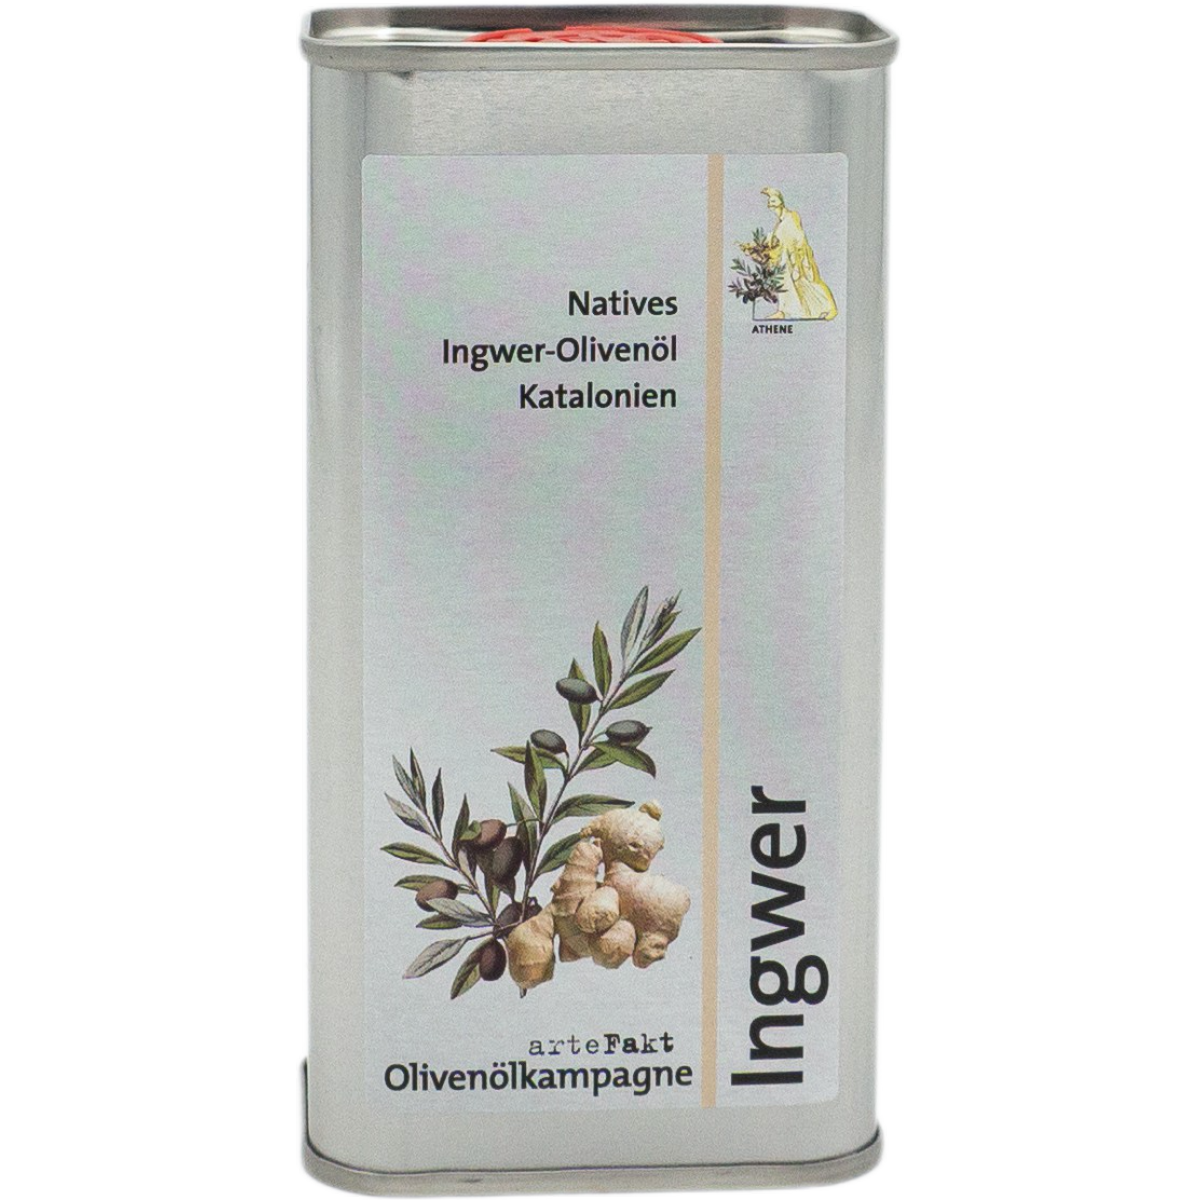 Ingwer-Olivenöl, nativ